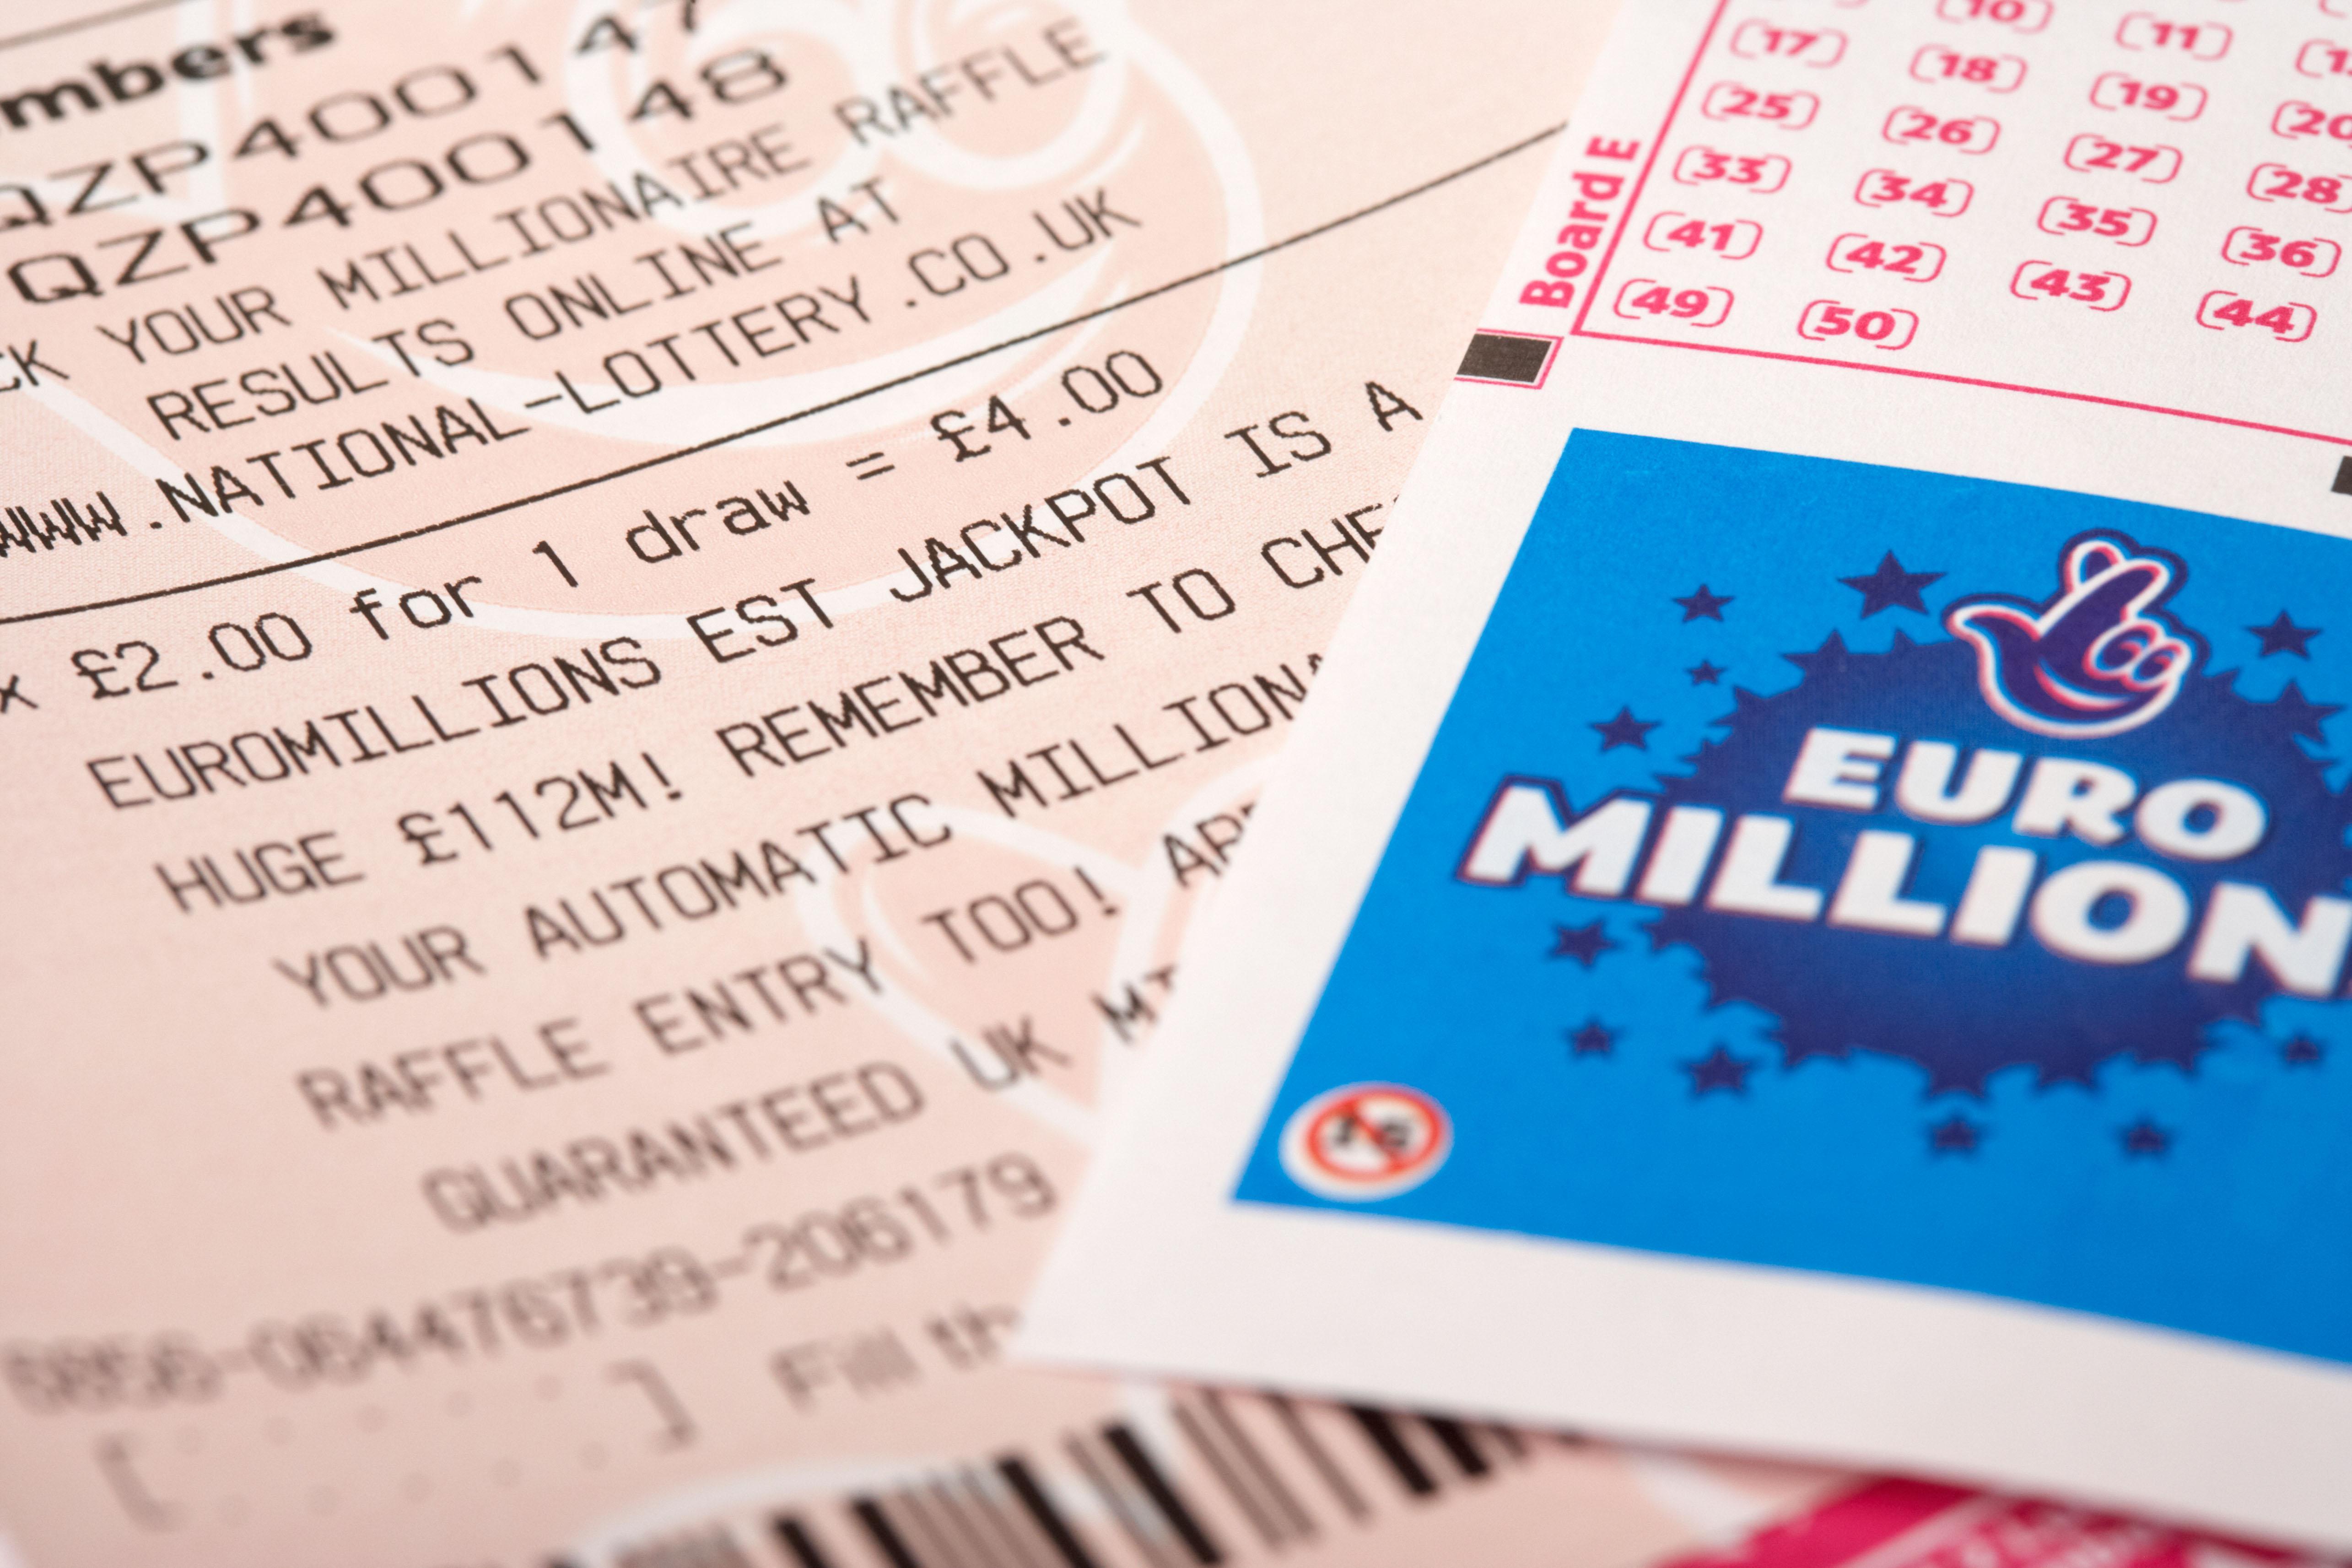 كيفية المطالبة بأرباح يانصيب EuroMillions